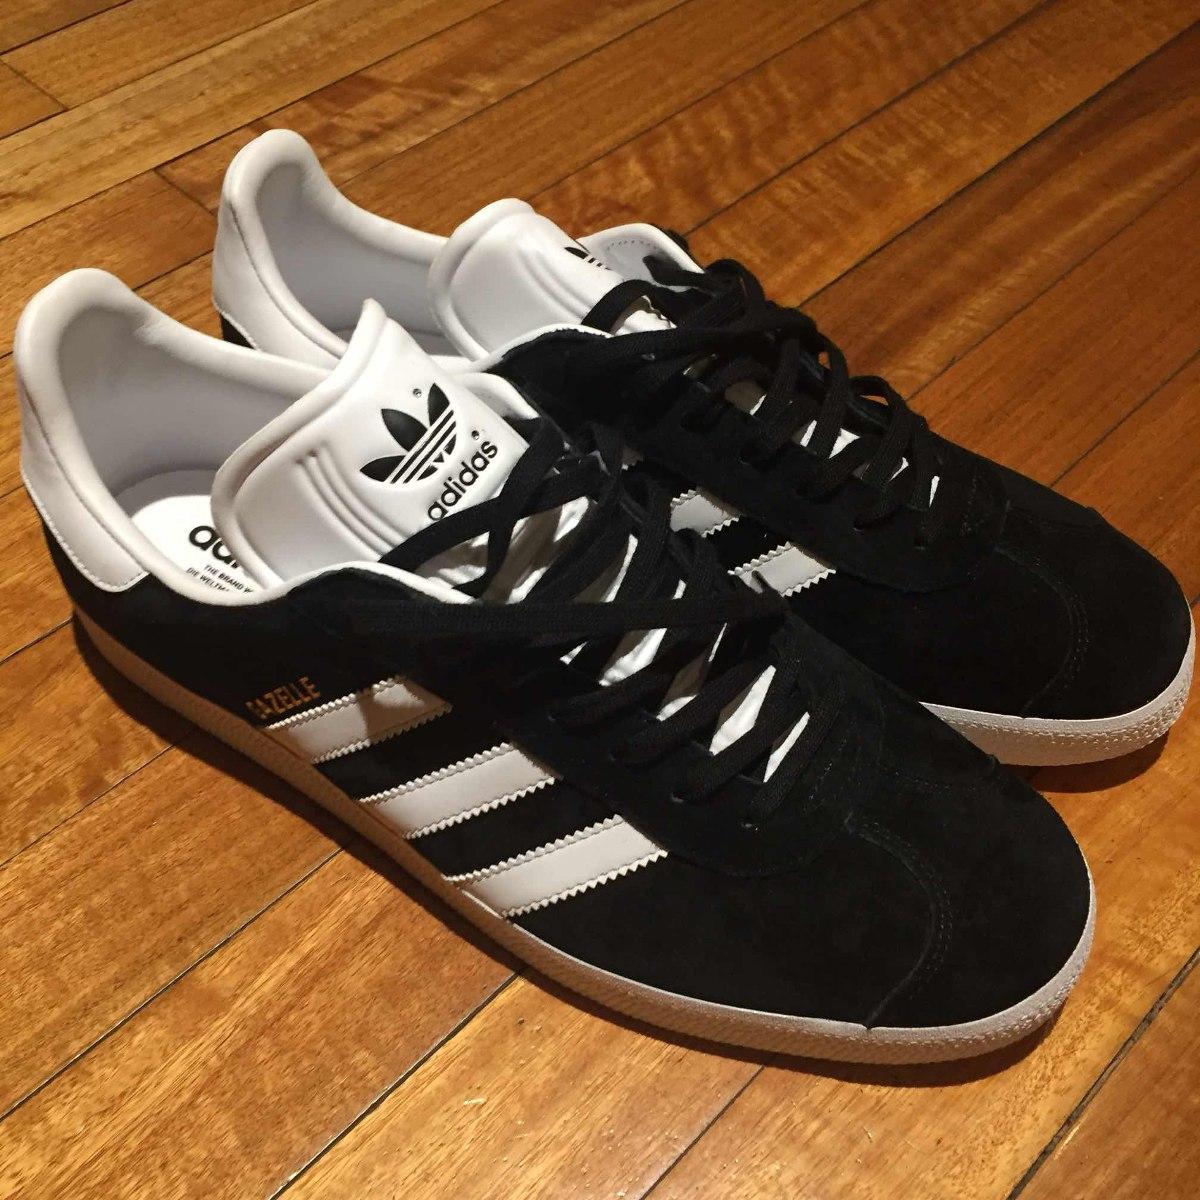 5 Gazelle Negras 600 Adidas En 2 11 Zapatillas Nuevas 00 Us 5qP4RwXn 5e8a870a474e9